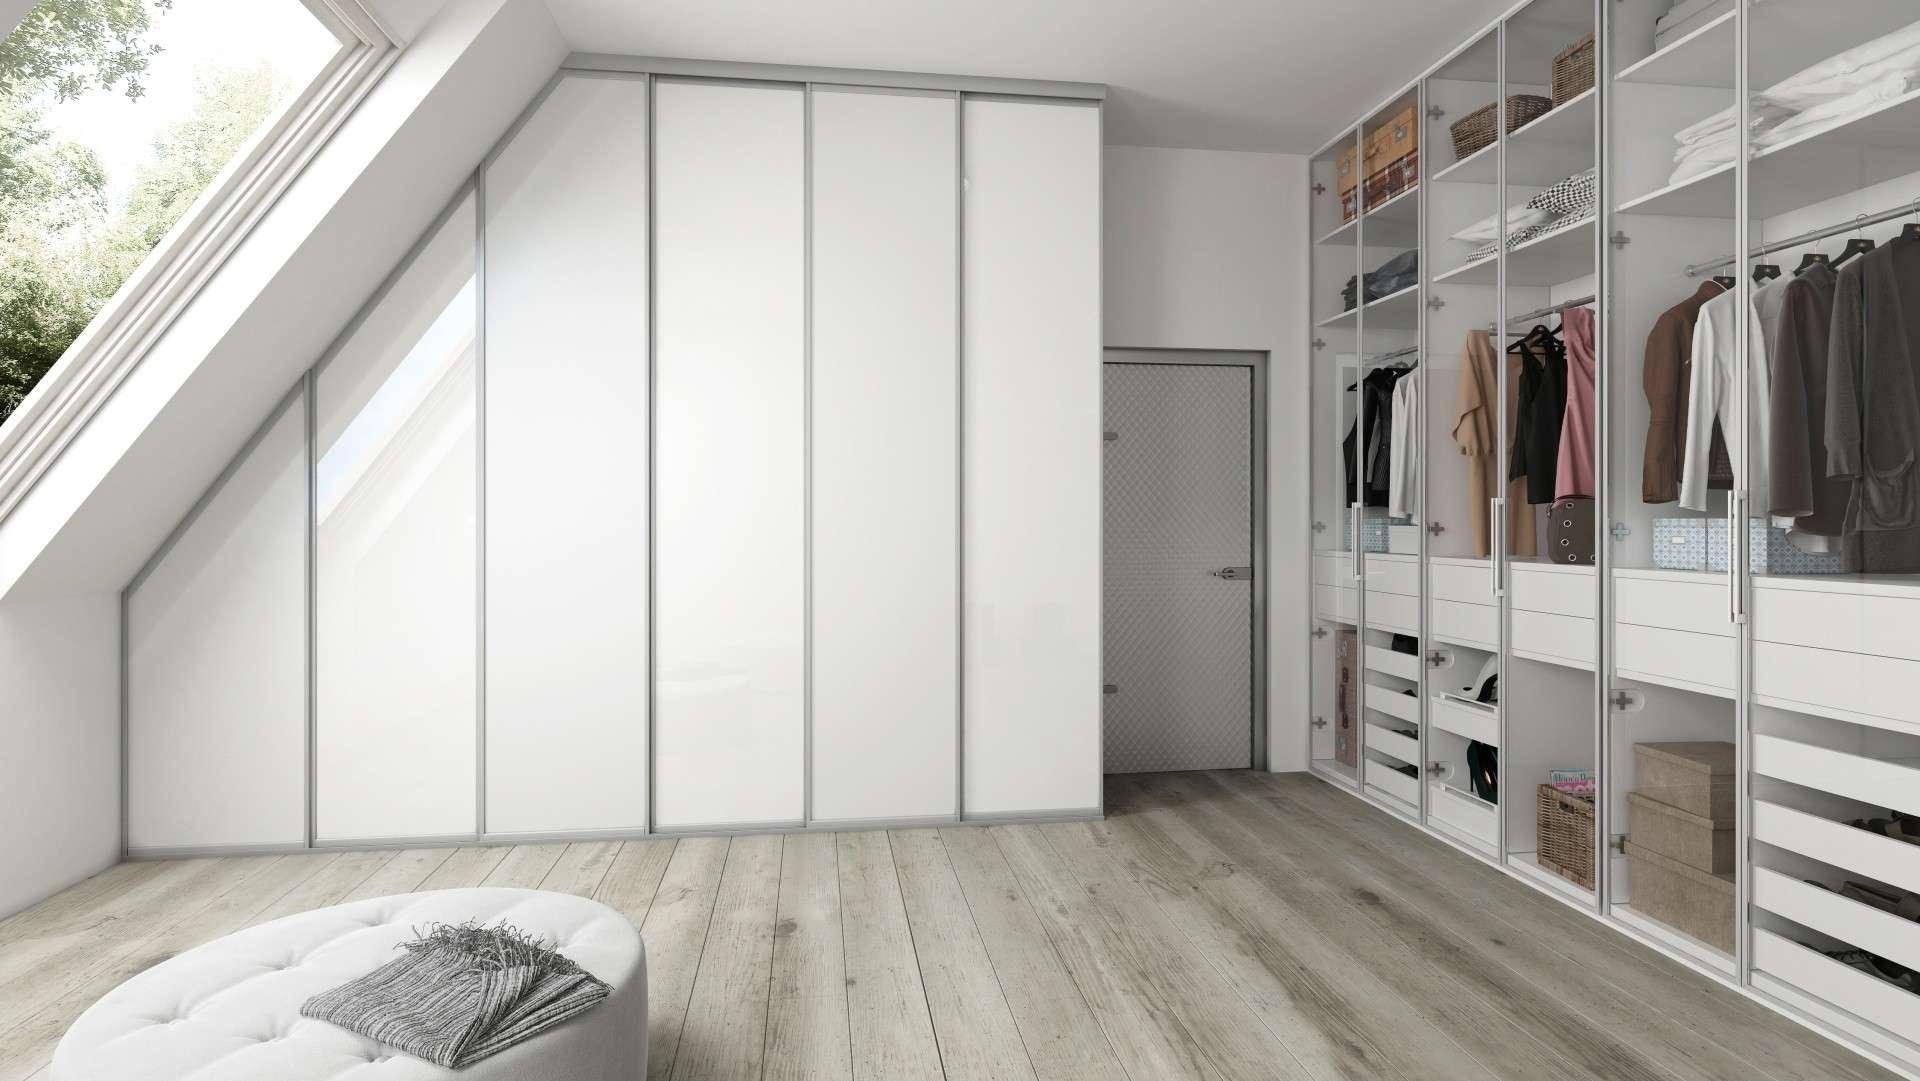 Hófehér tolóajtós és üveg nyílóajtós tetőtéri beépített szekrények